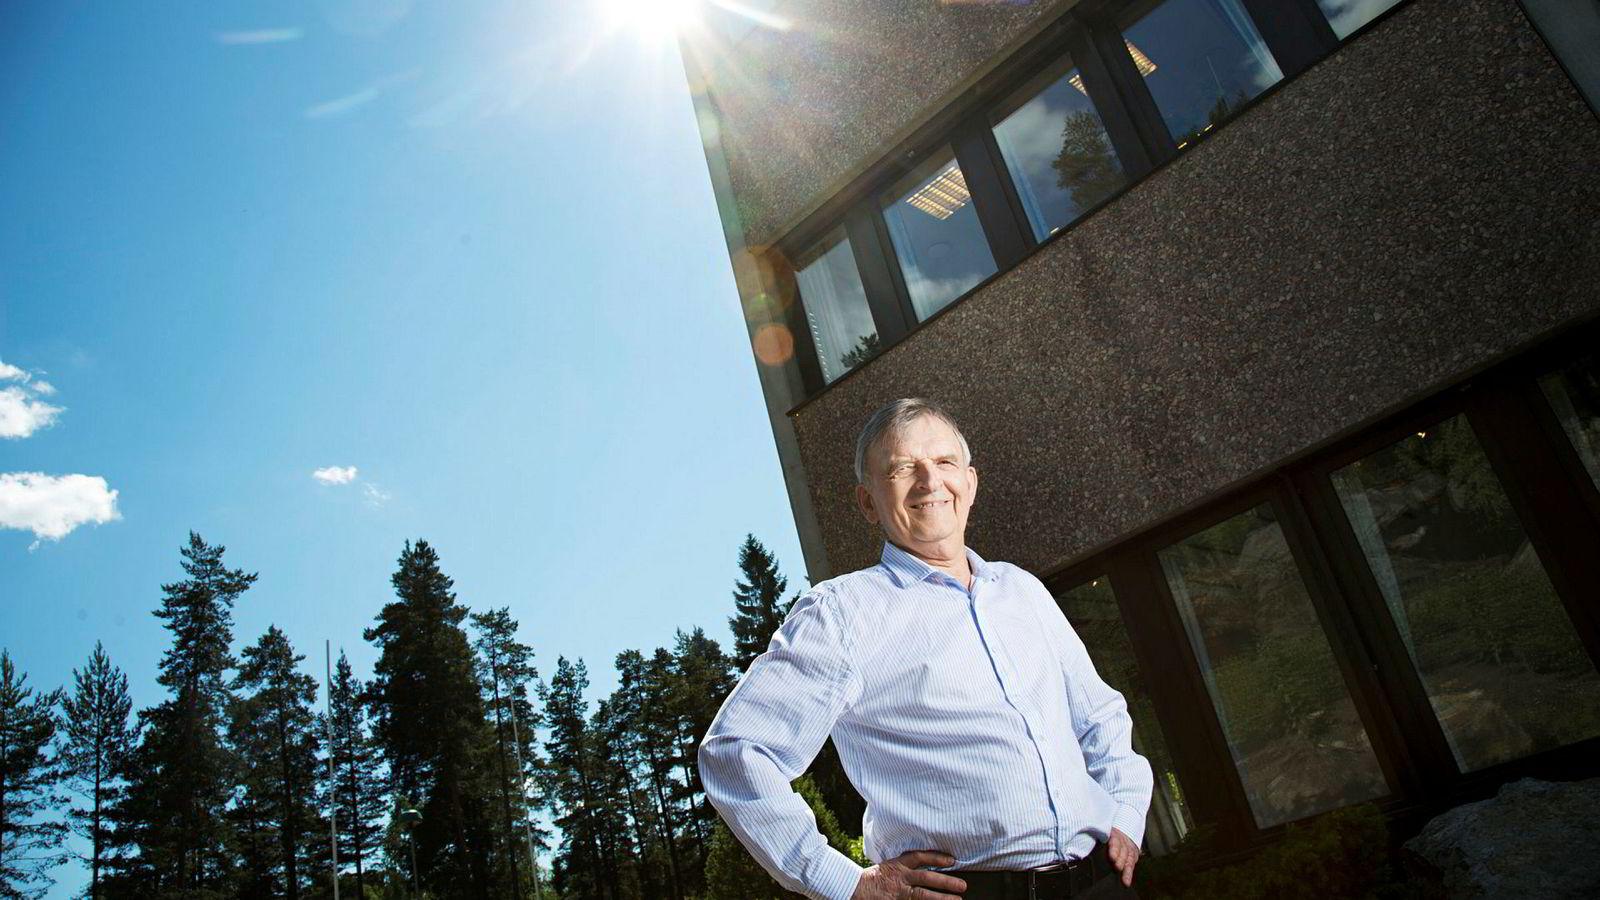 Ivar S. Løge kan smile godt av avkastningen på investeringene sine. Han har siden 80-tallet vært en aktiv investor og sier selv han er en langsiktig eier av selskapene han investerer i.